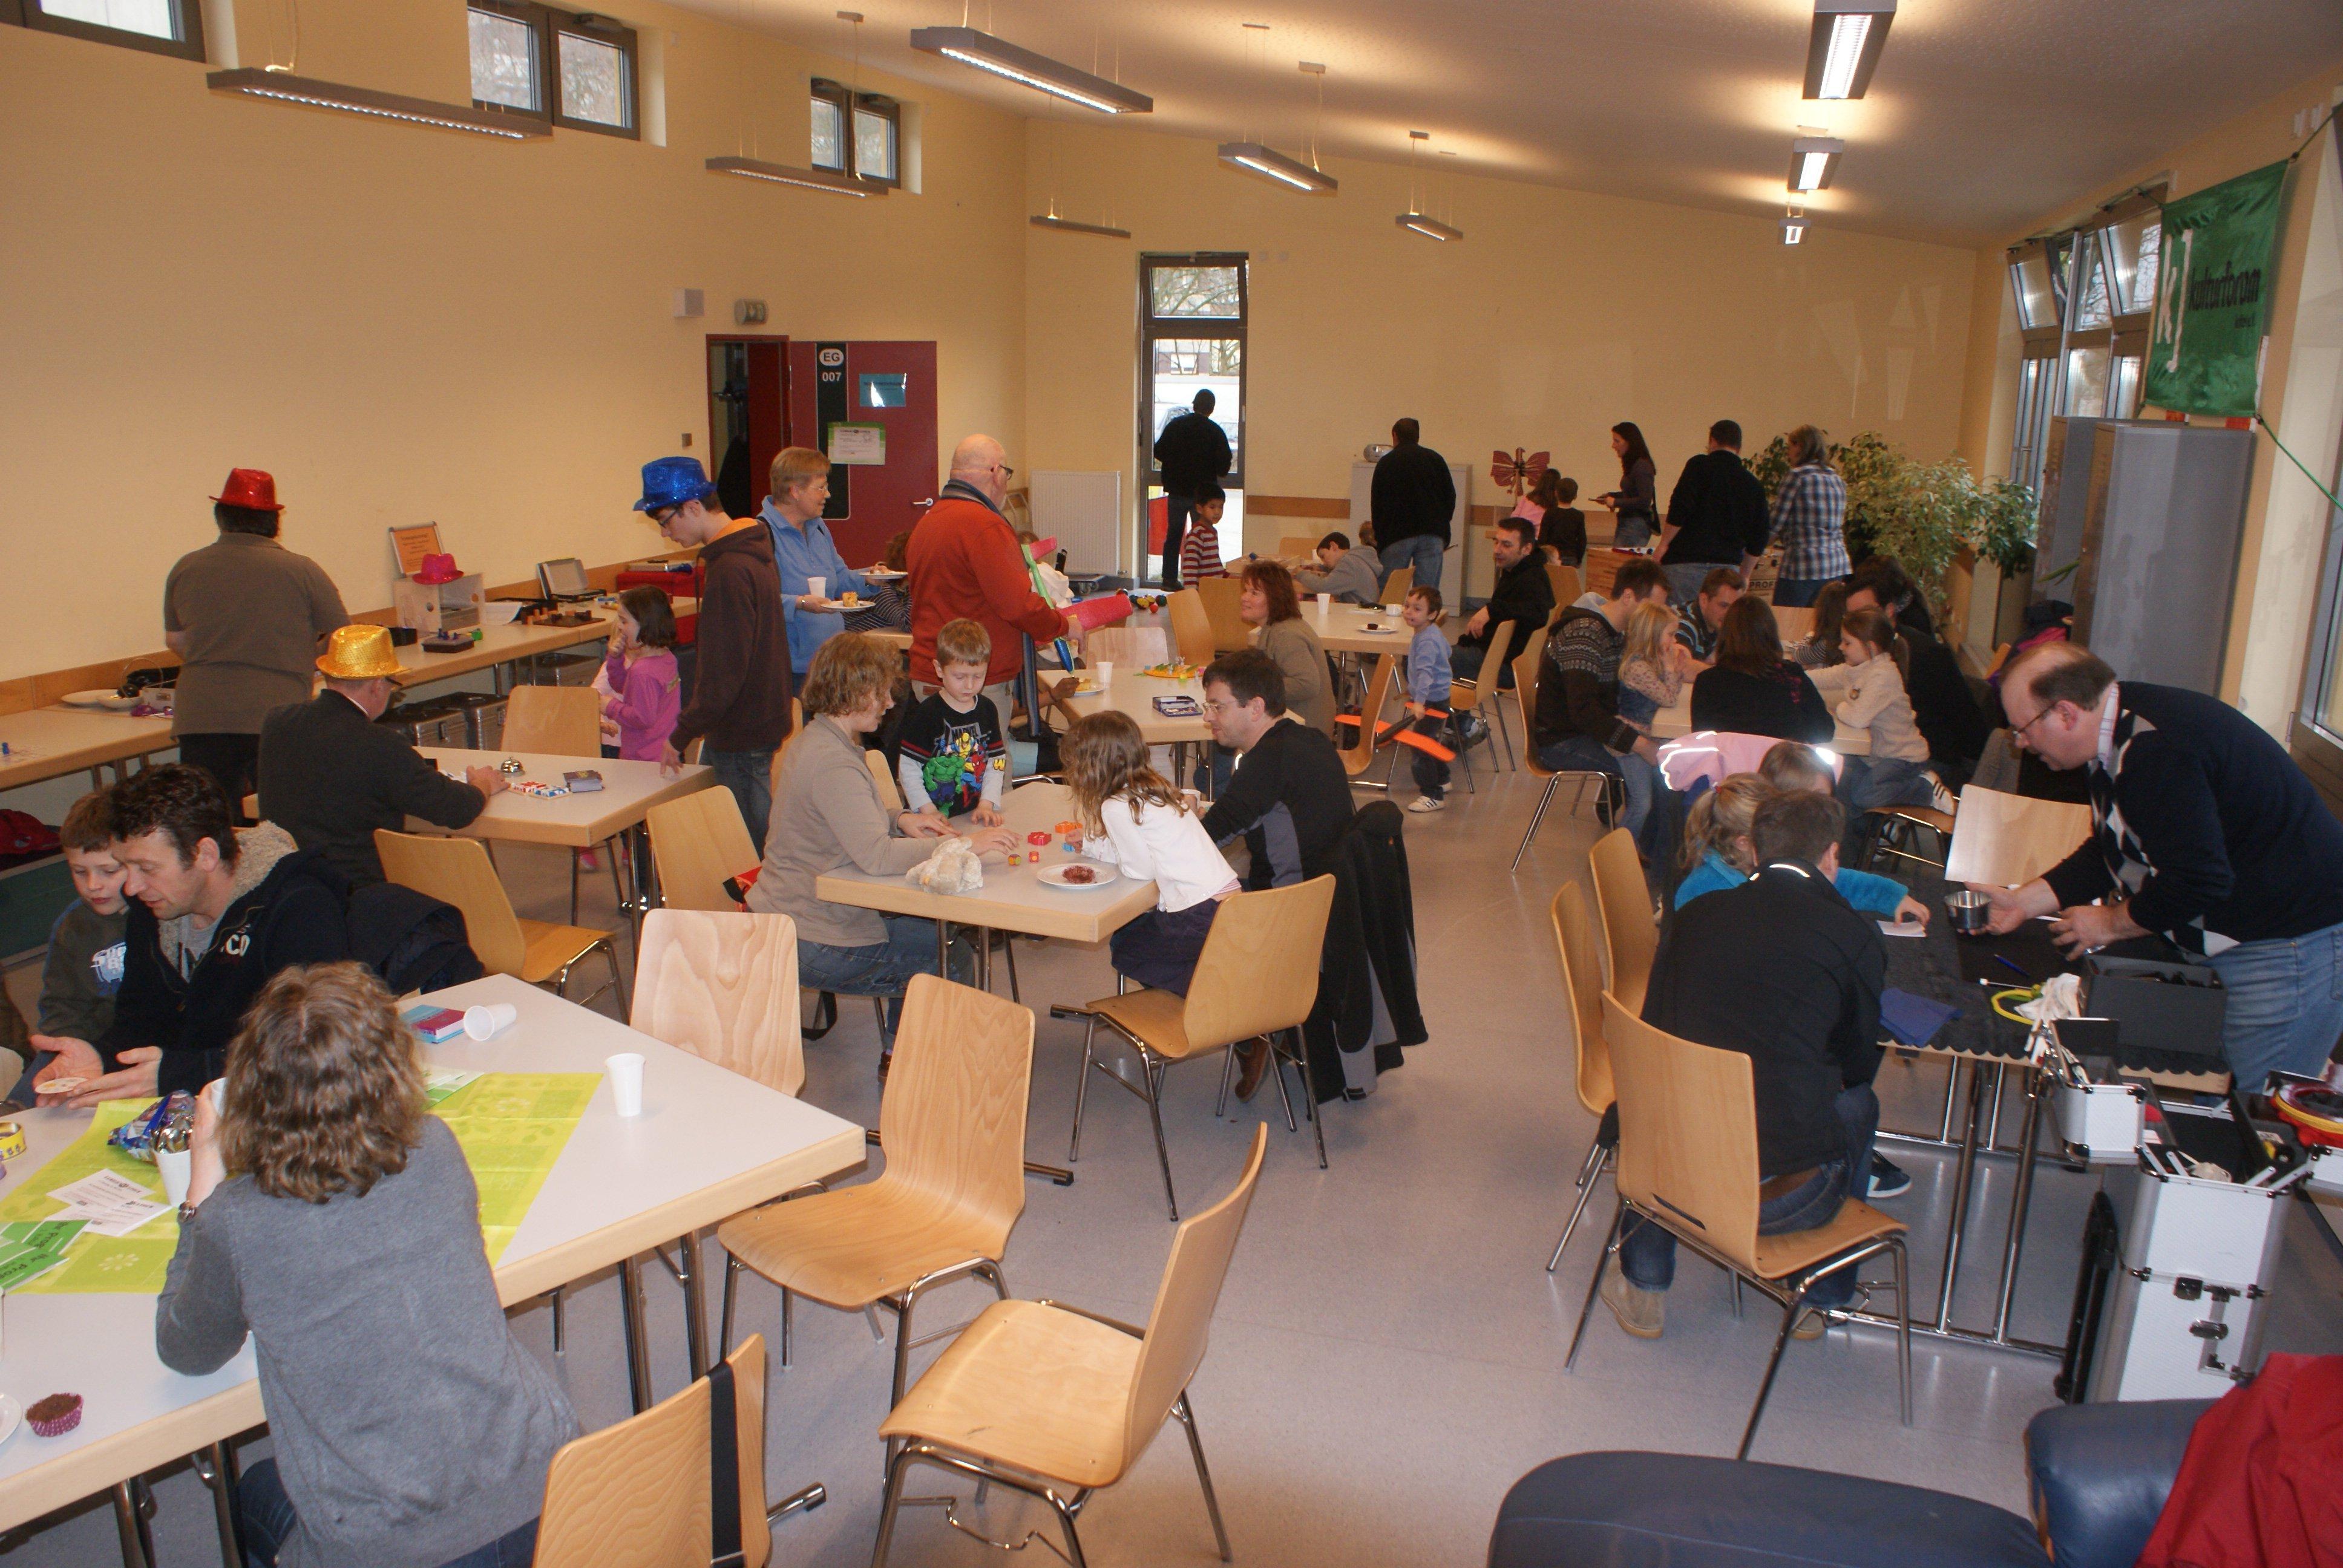 Viele Tische mit Personengruppen bei Gesellschaftsspielen im Freizeithaus